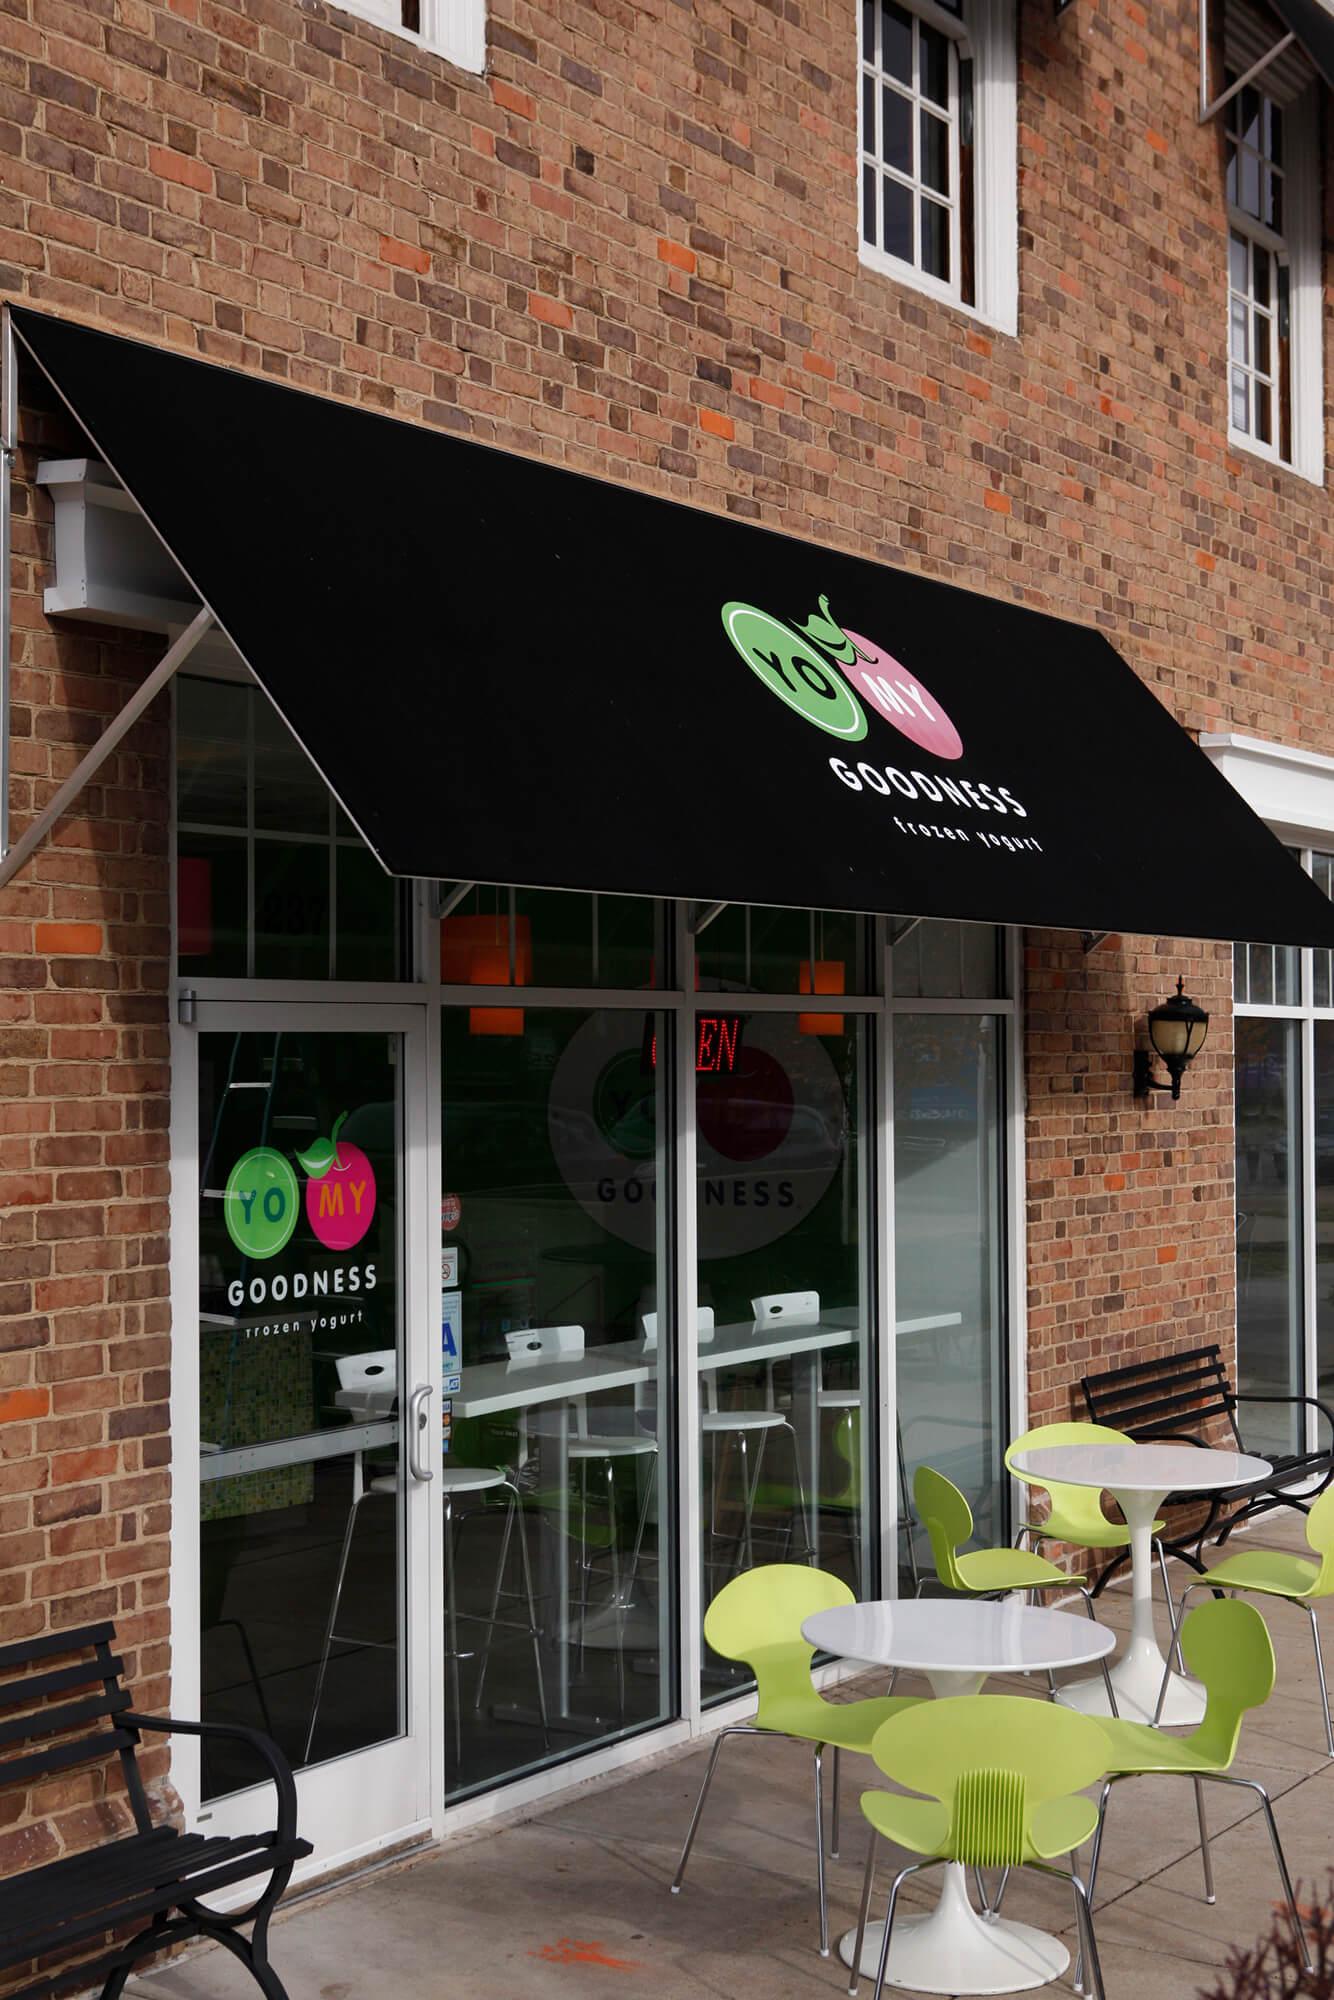 Uma loja de iogurtes dá as boas-vindas aos clientes com um toldo preto estampado por logotipos